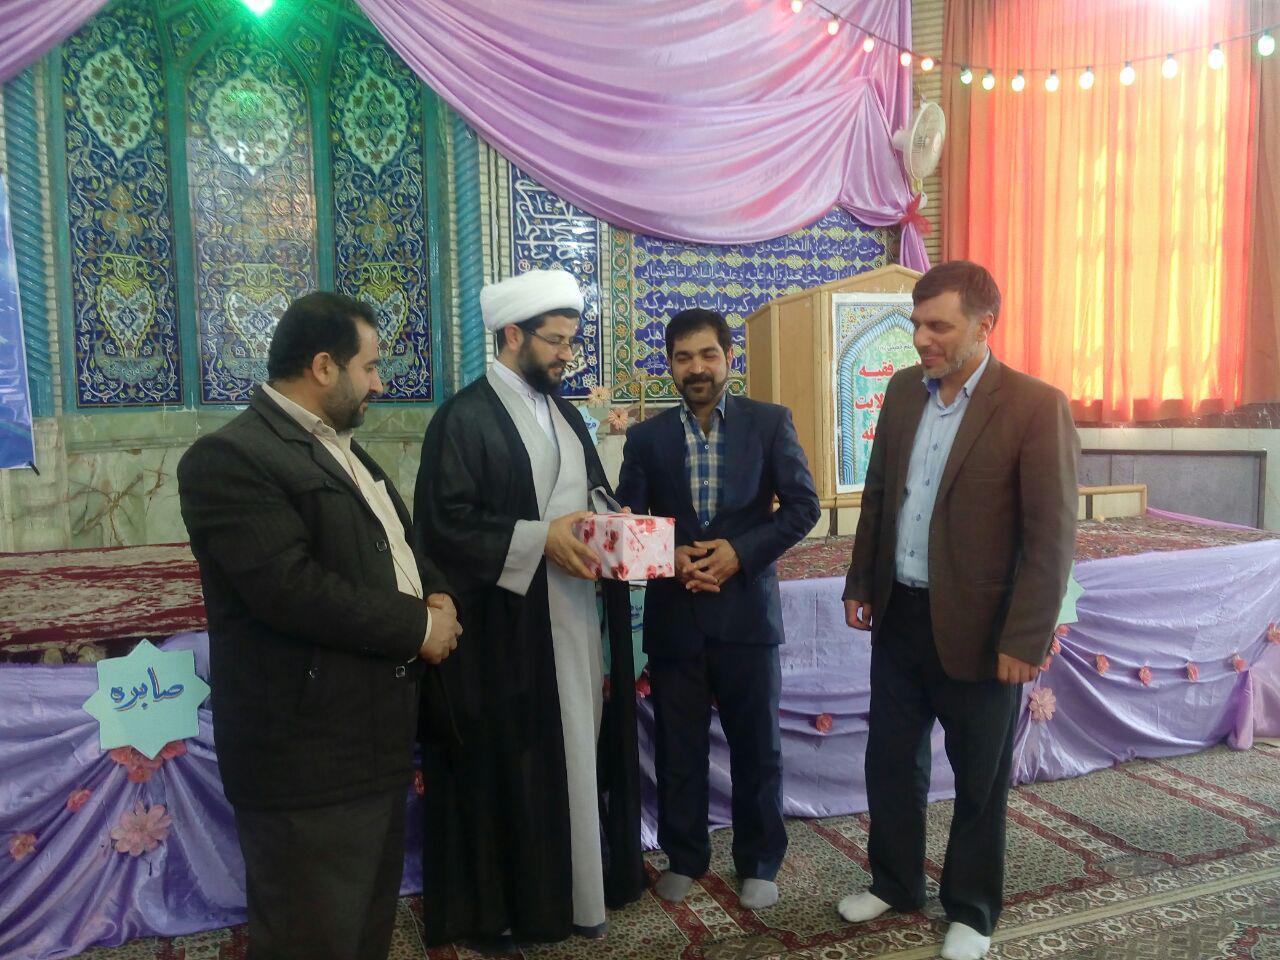 اهدای جایزه به علیرضا شیخی برنده این هفته خط حزب الله